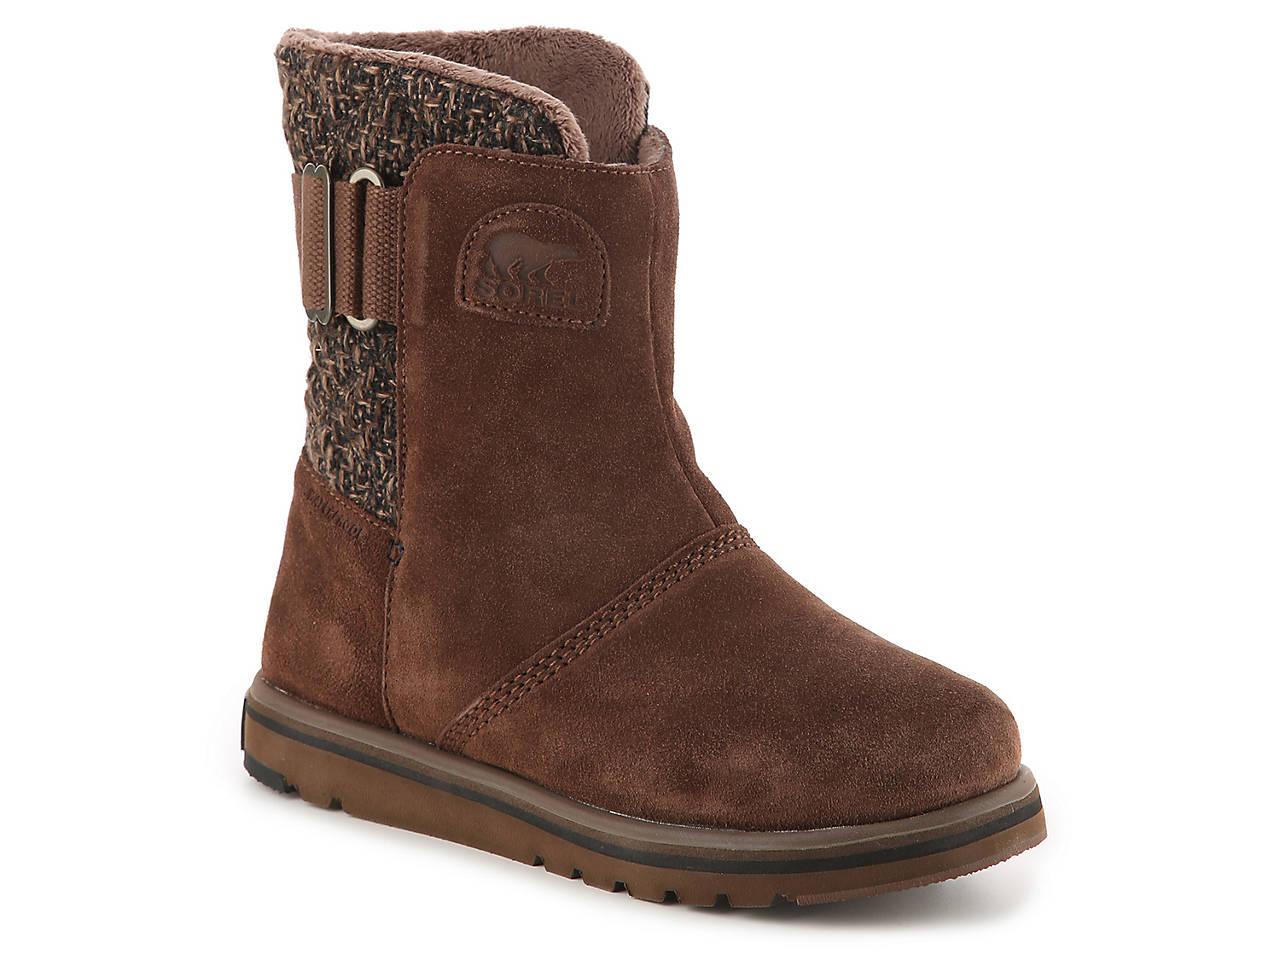 Desde Español Barato Online Excelente para la venta sorel Rylee Boots Women iCYwDyc